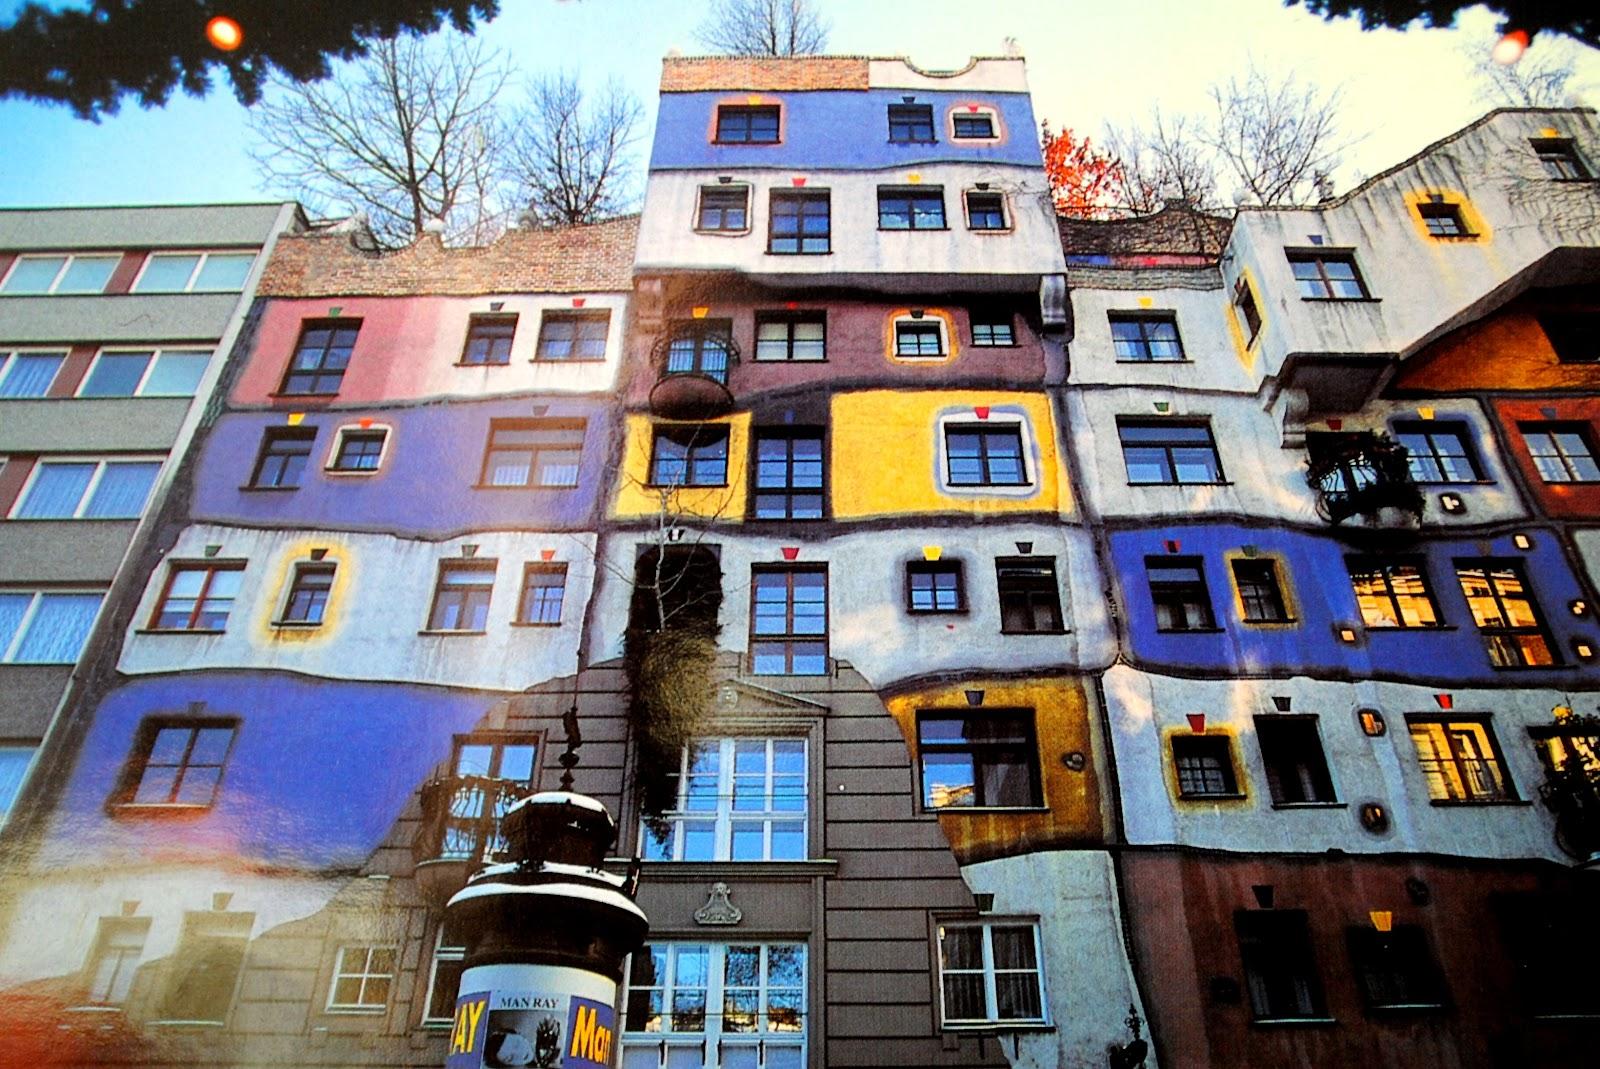 budynek pełen kolorów